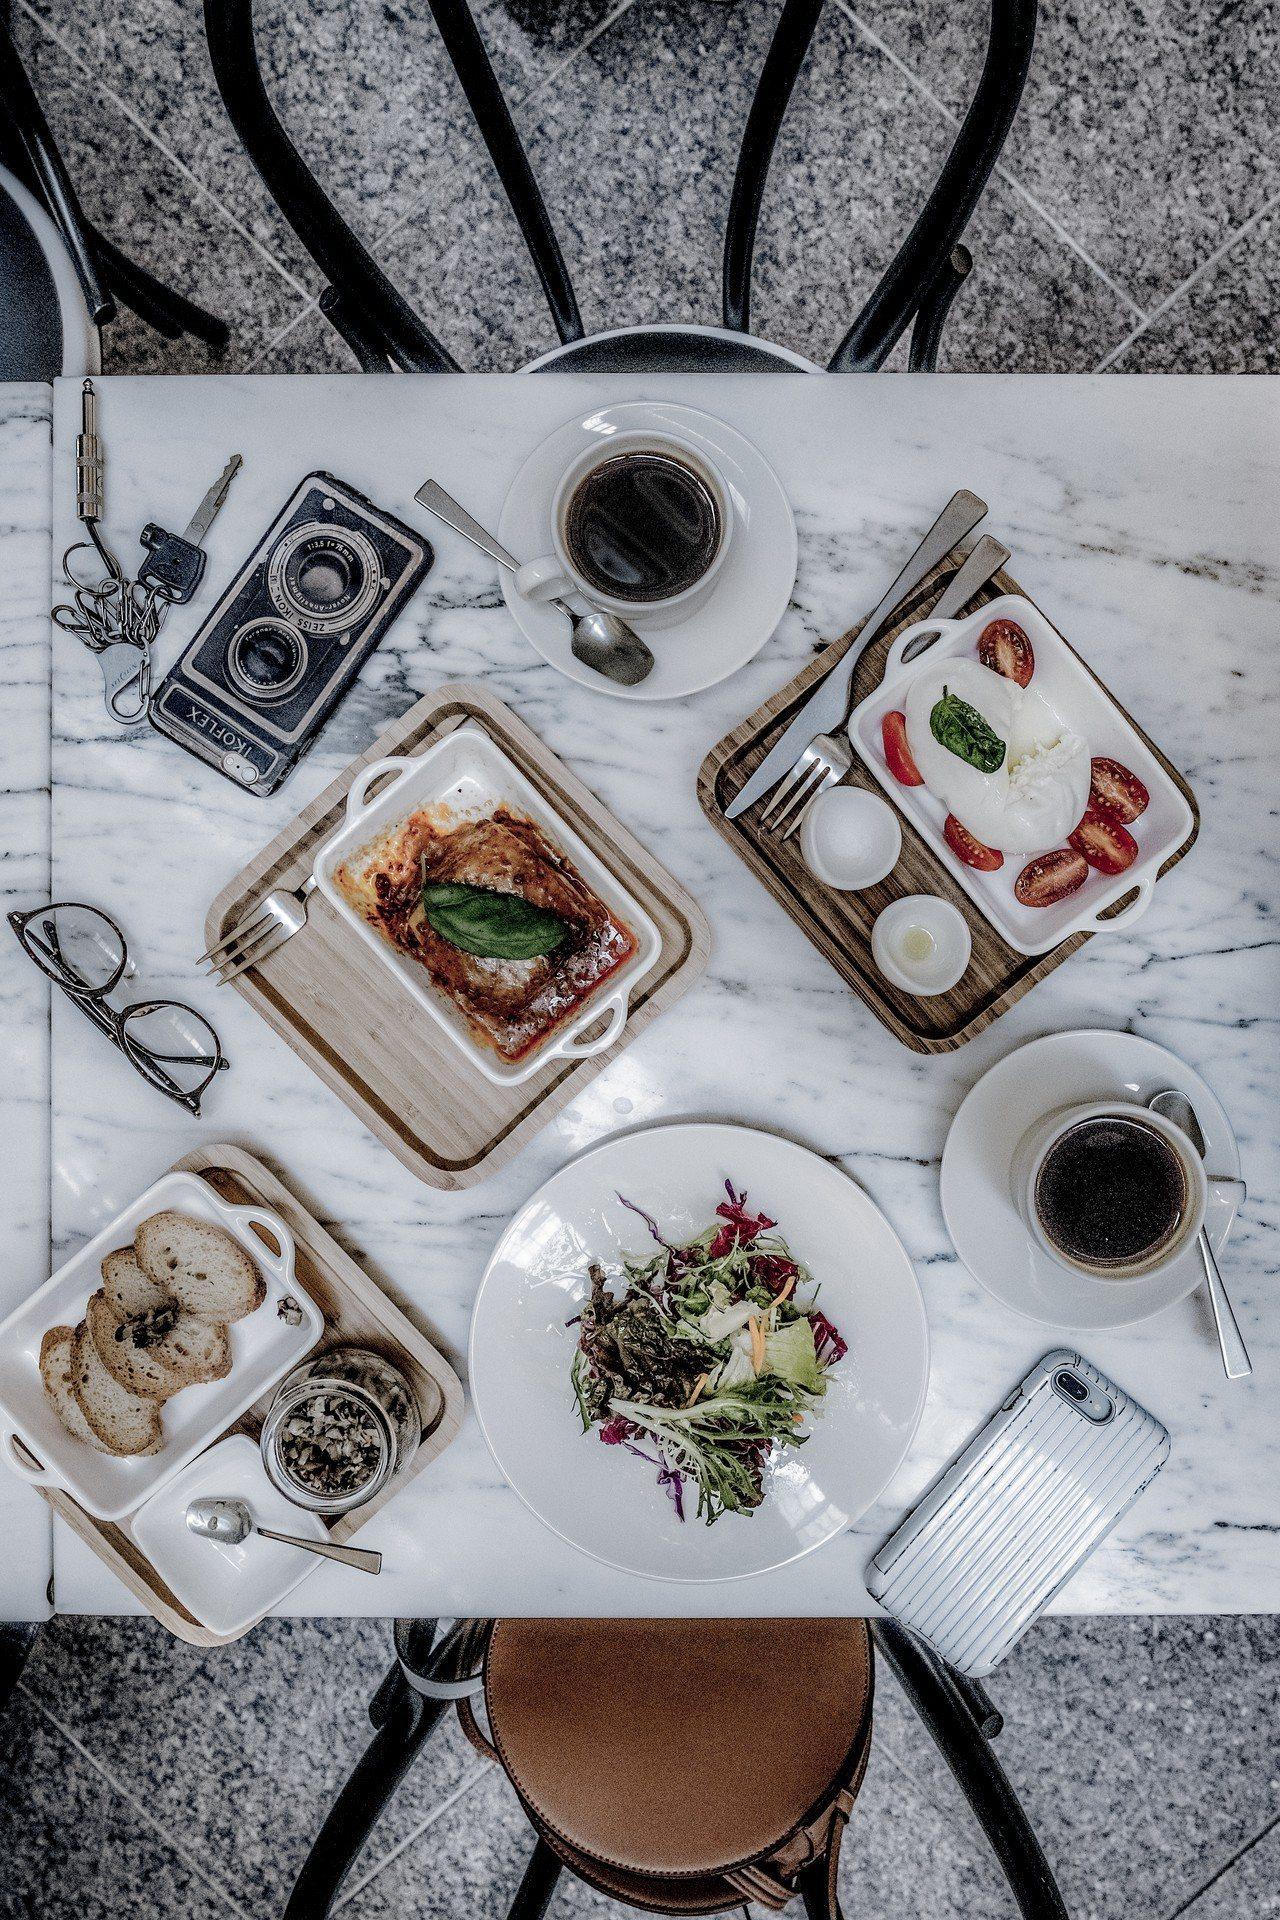 IL MERCATO義瑪卡多的私房牛肉千層麵、經典義大利國旗沙拉、烤麵包與私房抹...